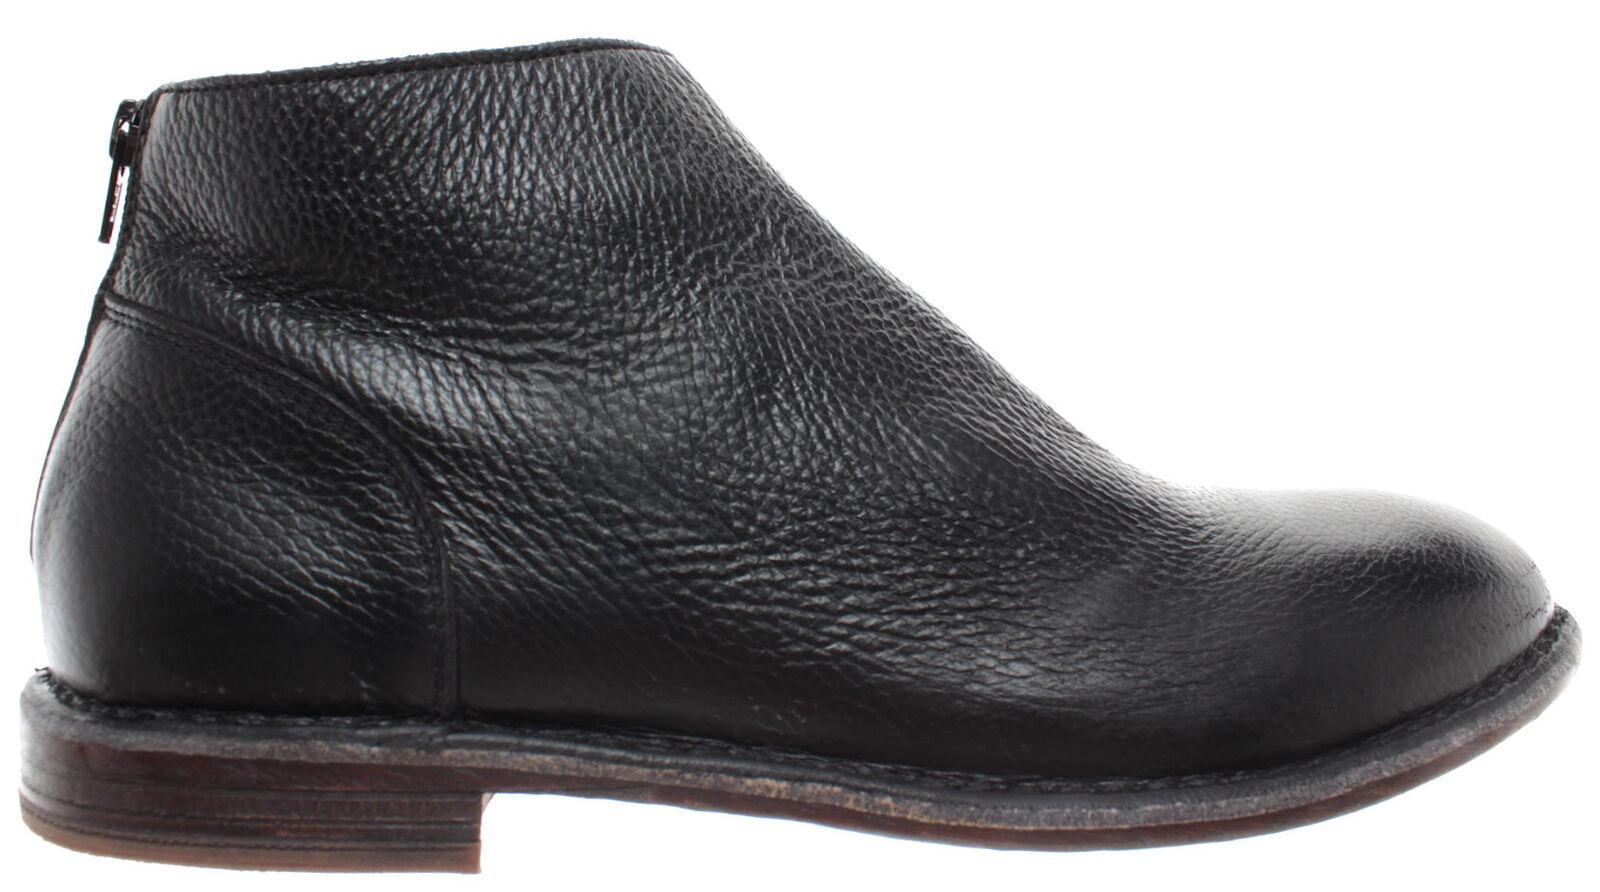 MOMA para Hombre Zapatos botas al Tobillo 14803-Y2 Vitello negro Cuero Vintage Hecho en Italia